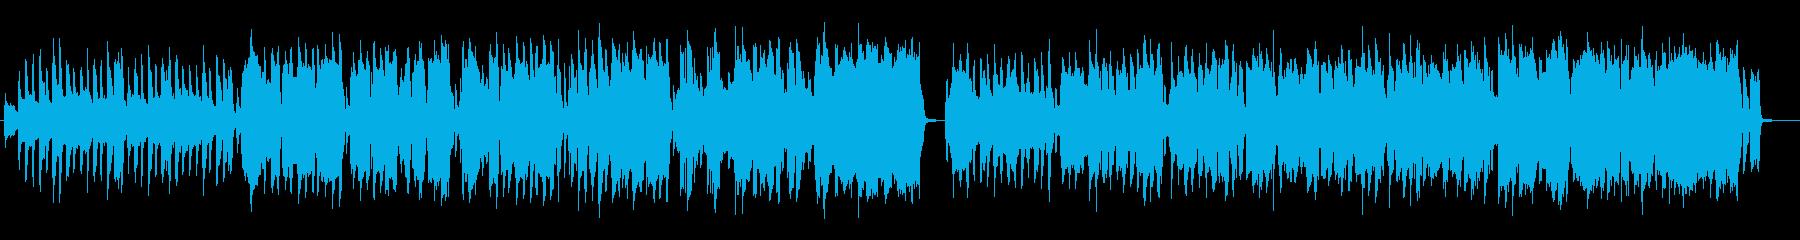 のどかな雰囲気の合う曲ですの再生済みの波形